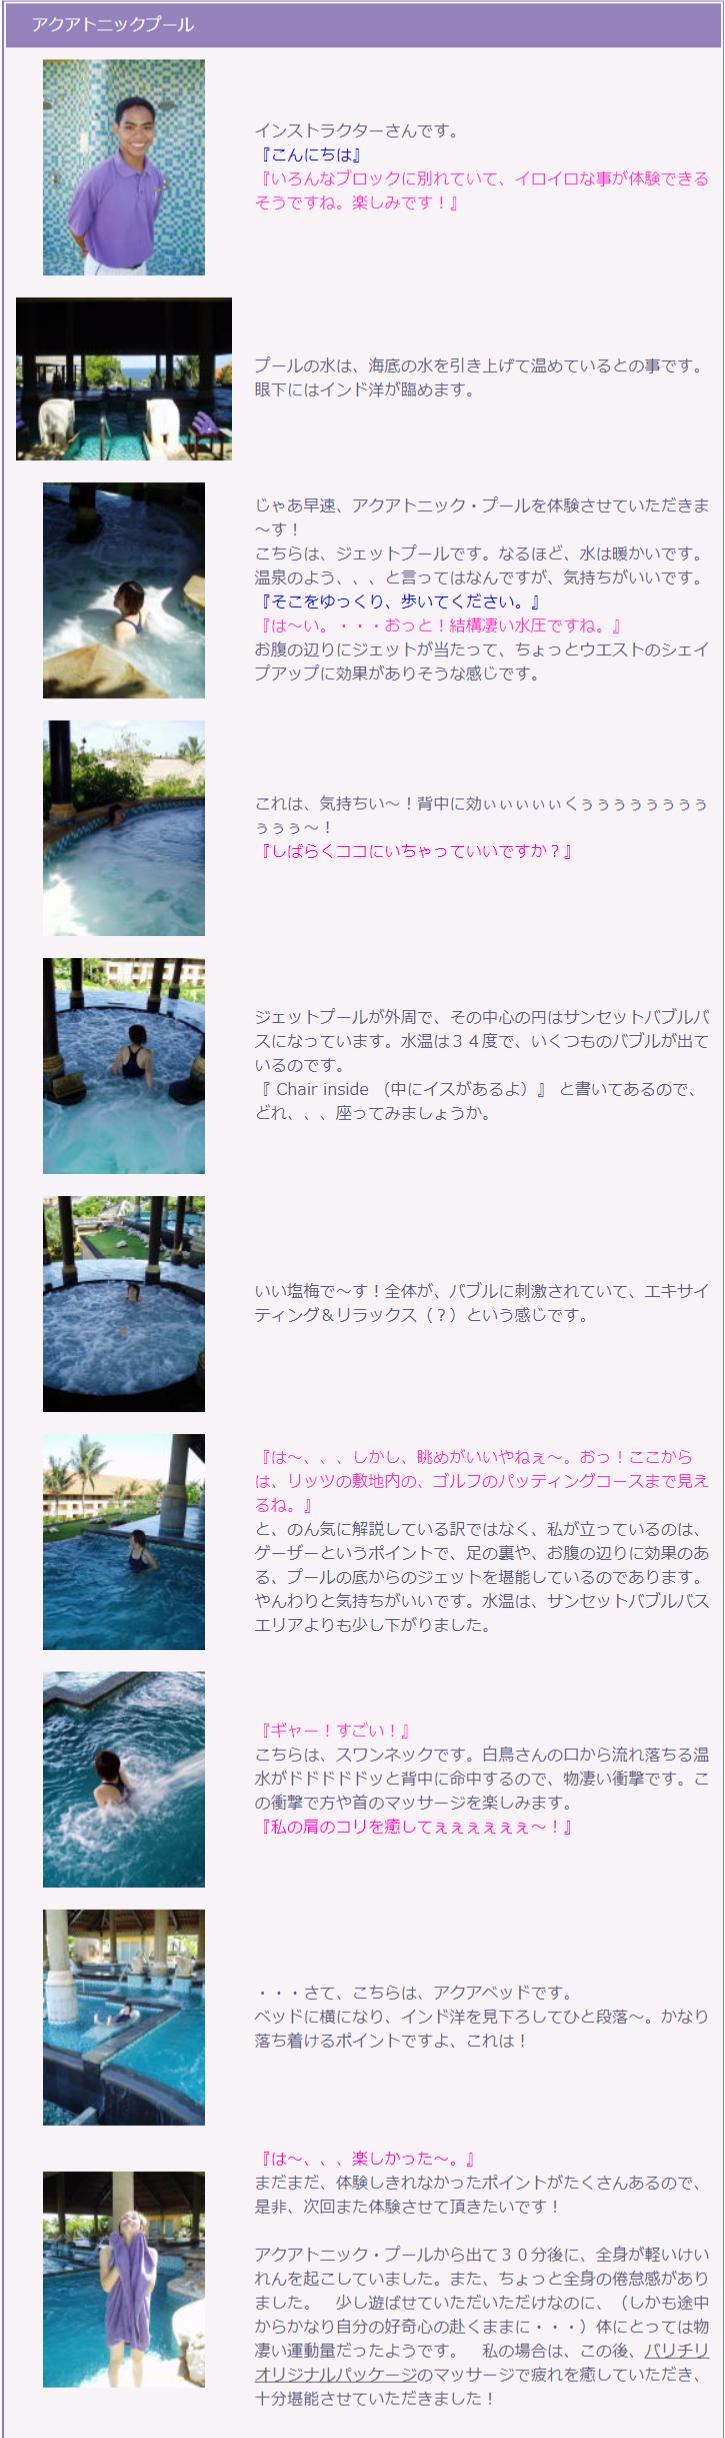 アクアトニック・プール 体験ルポの説明